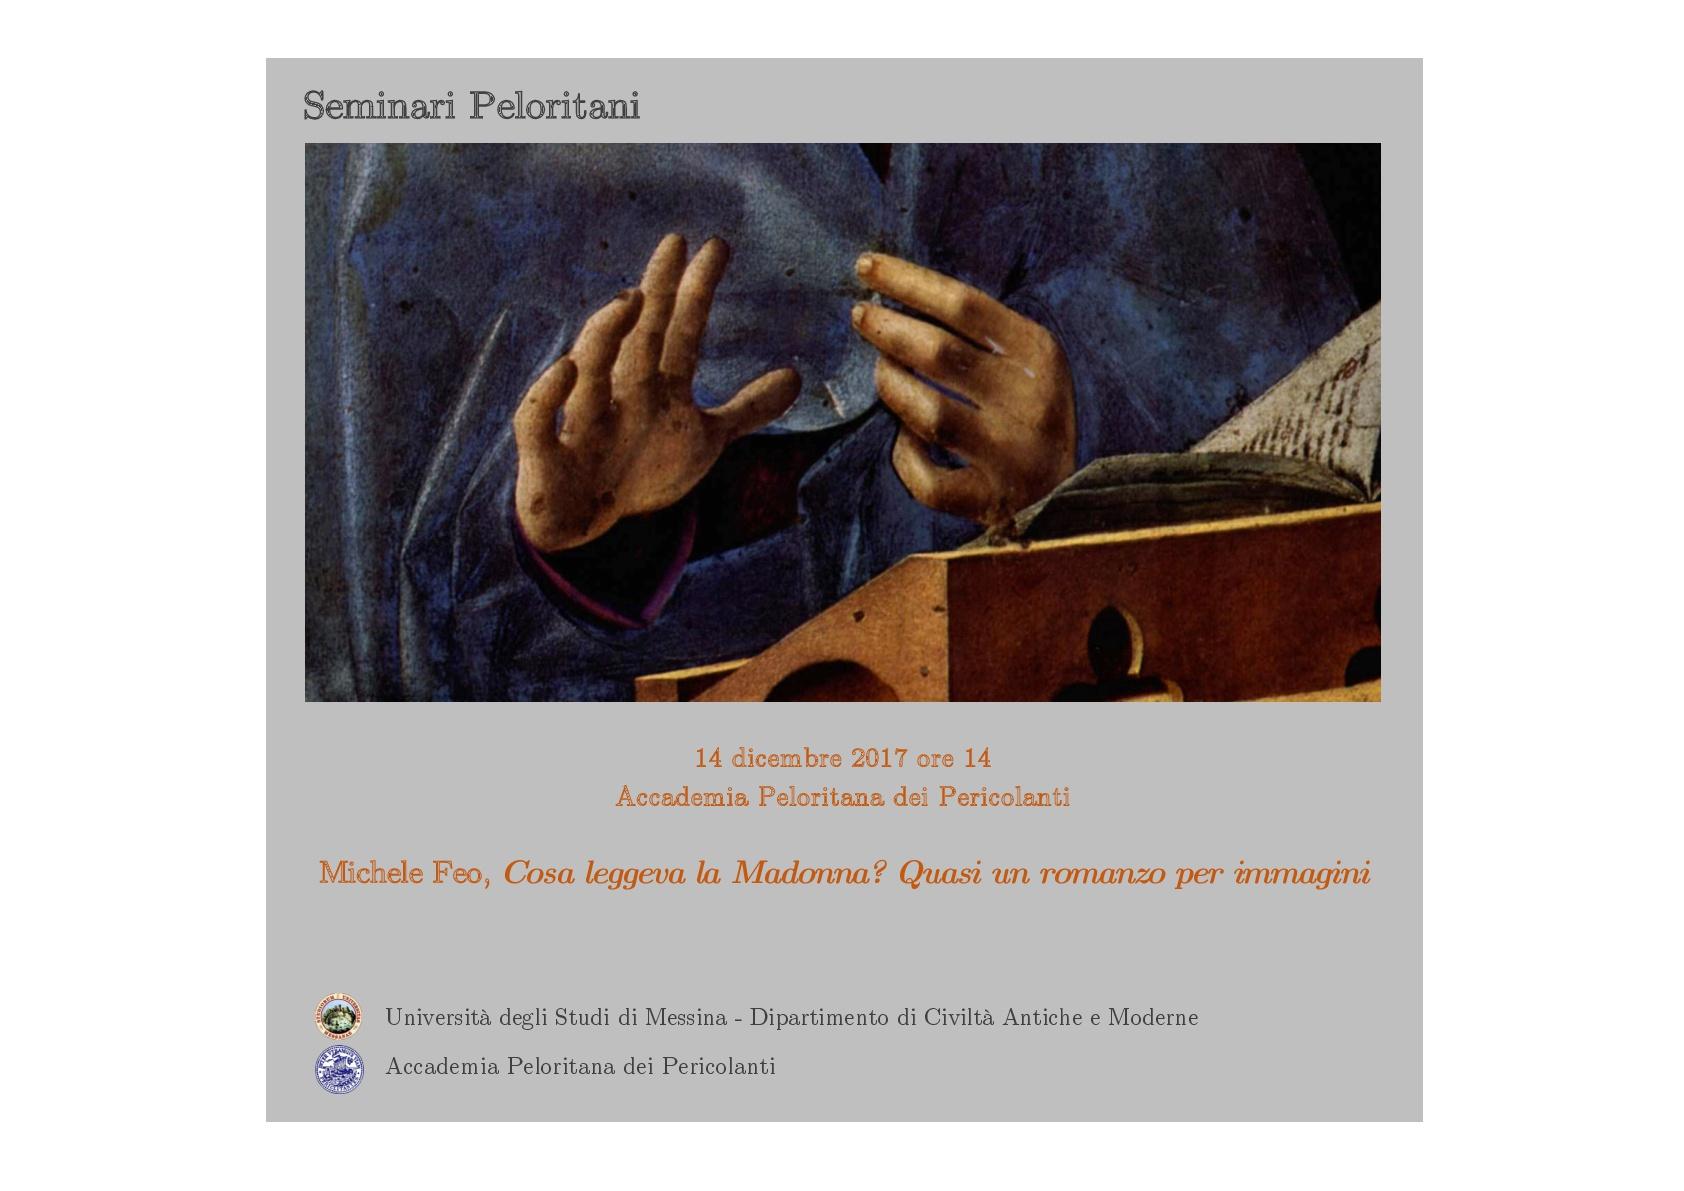 Seminari peloritani-001